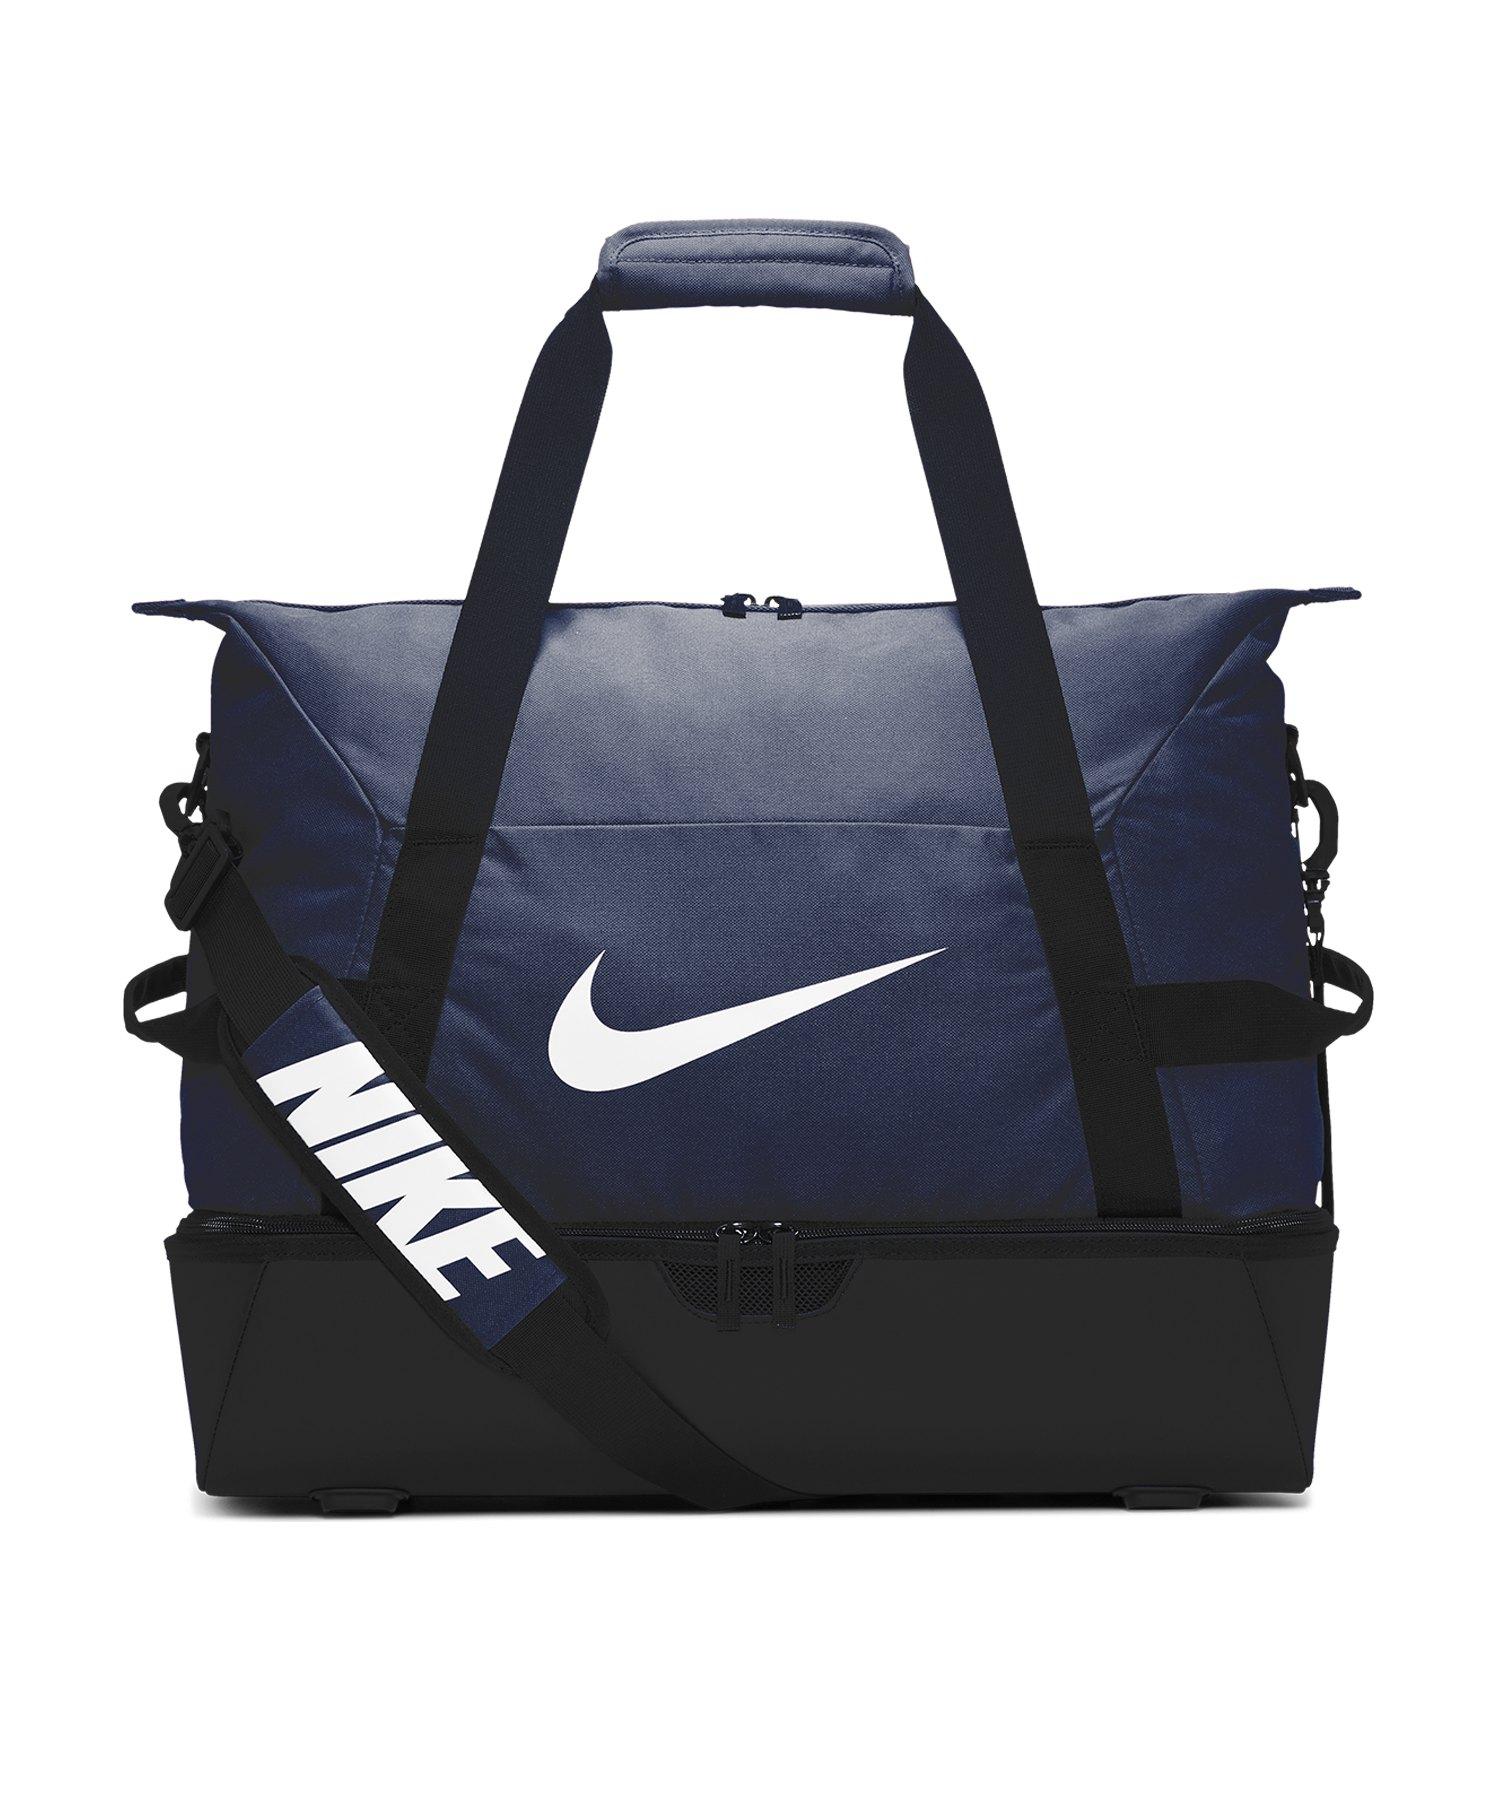 Nike Academy Duffle Tasche Medium Blau F410 - blau